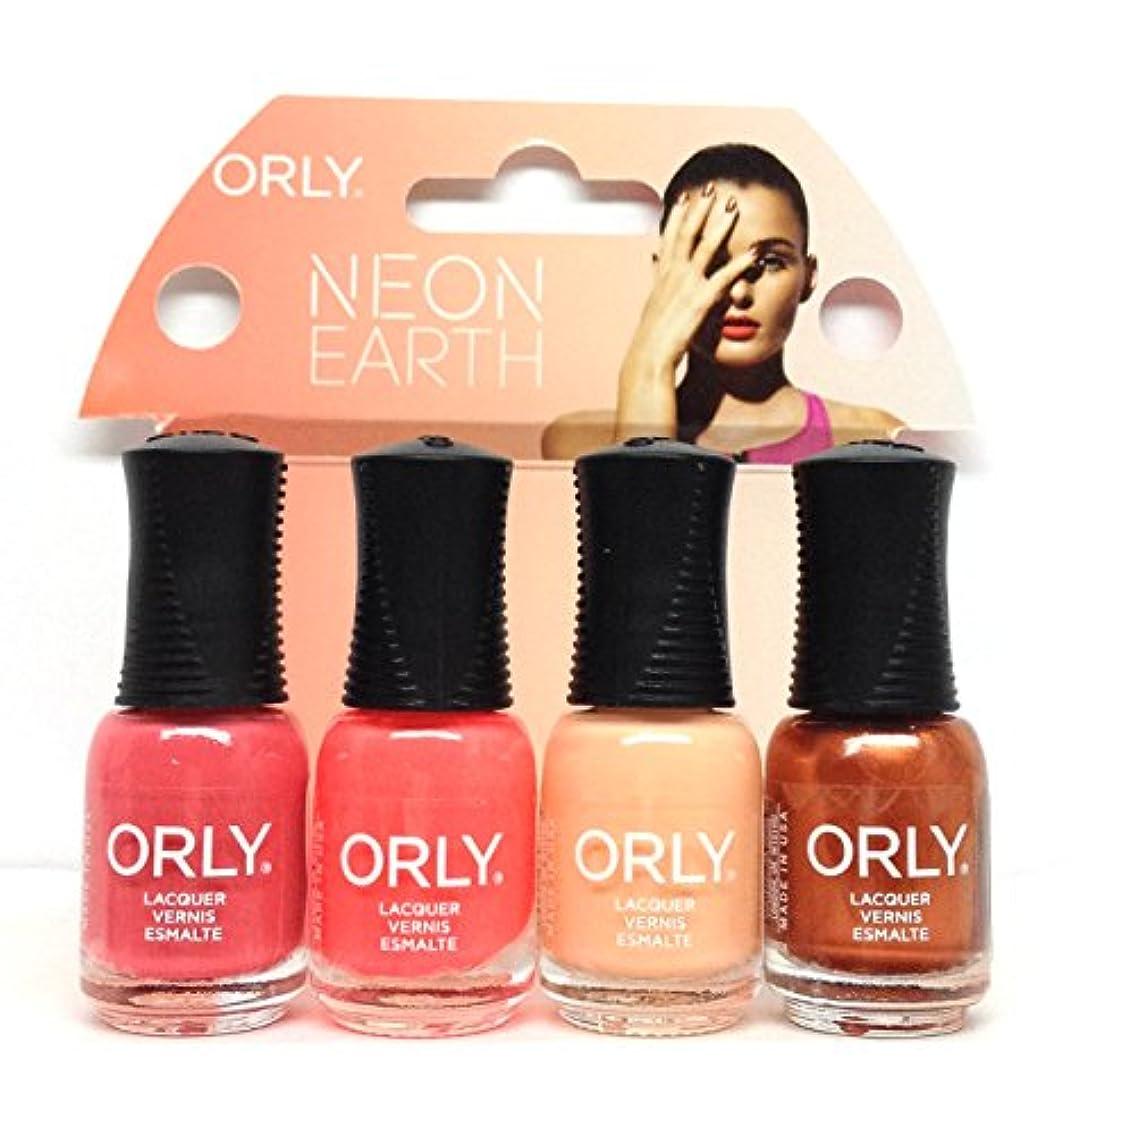 に話すに話す礼儀Orly Nail Lacquer Mani Minis - Neon Earth - 4 x 0.18 Fl Oz / 5.3 mL